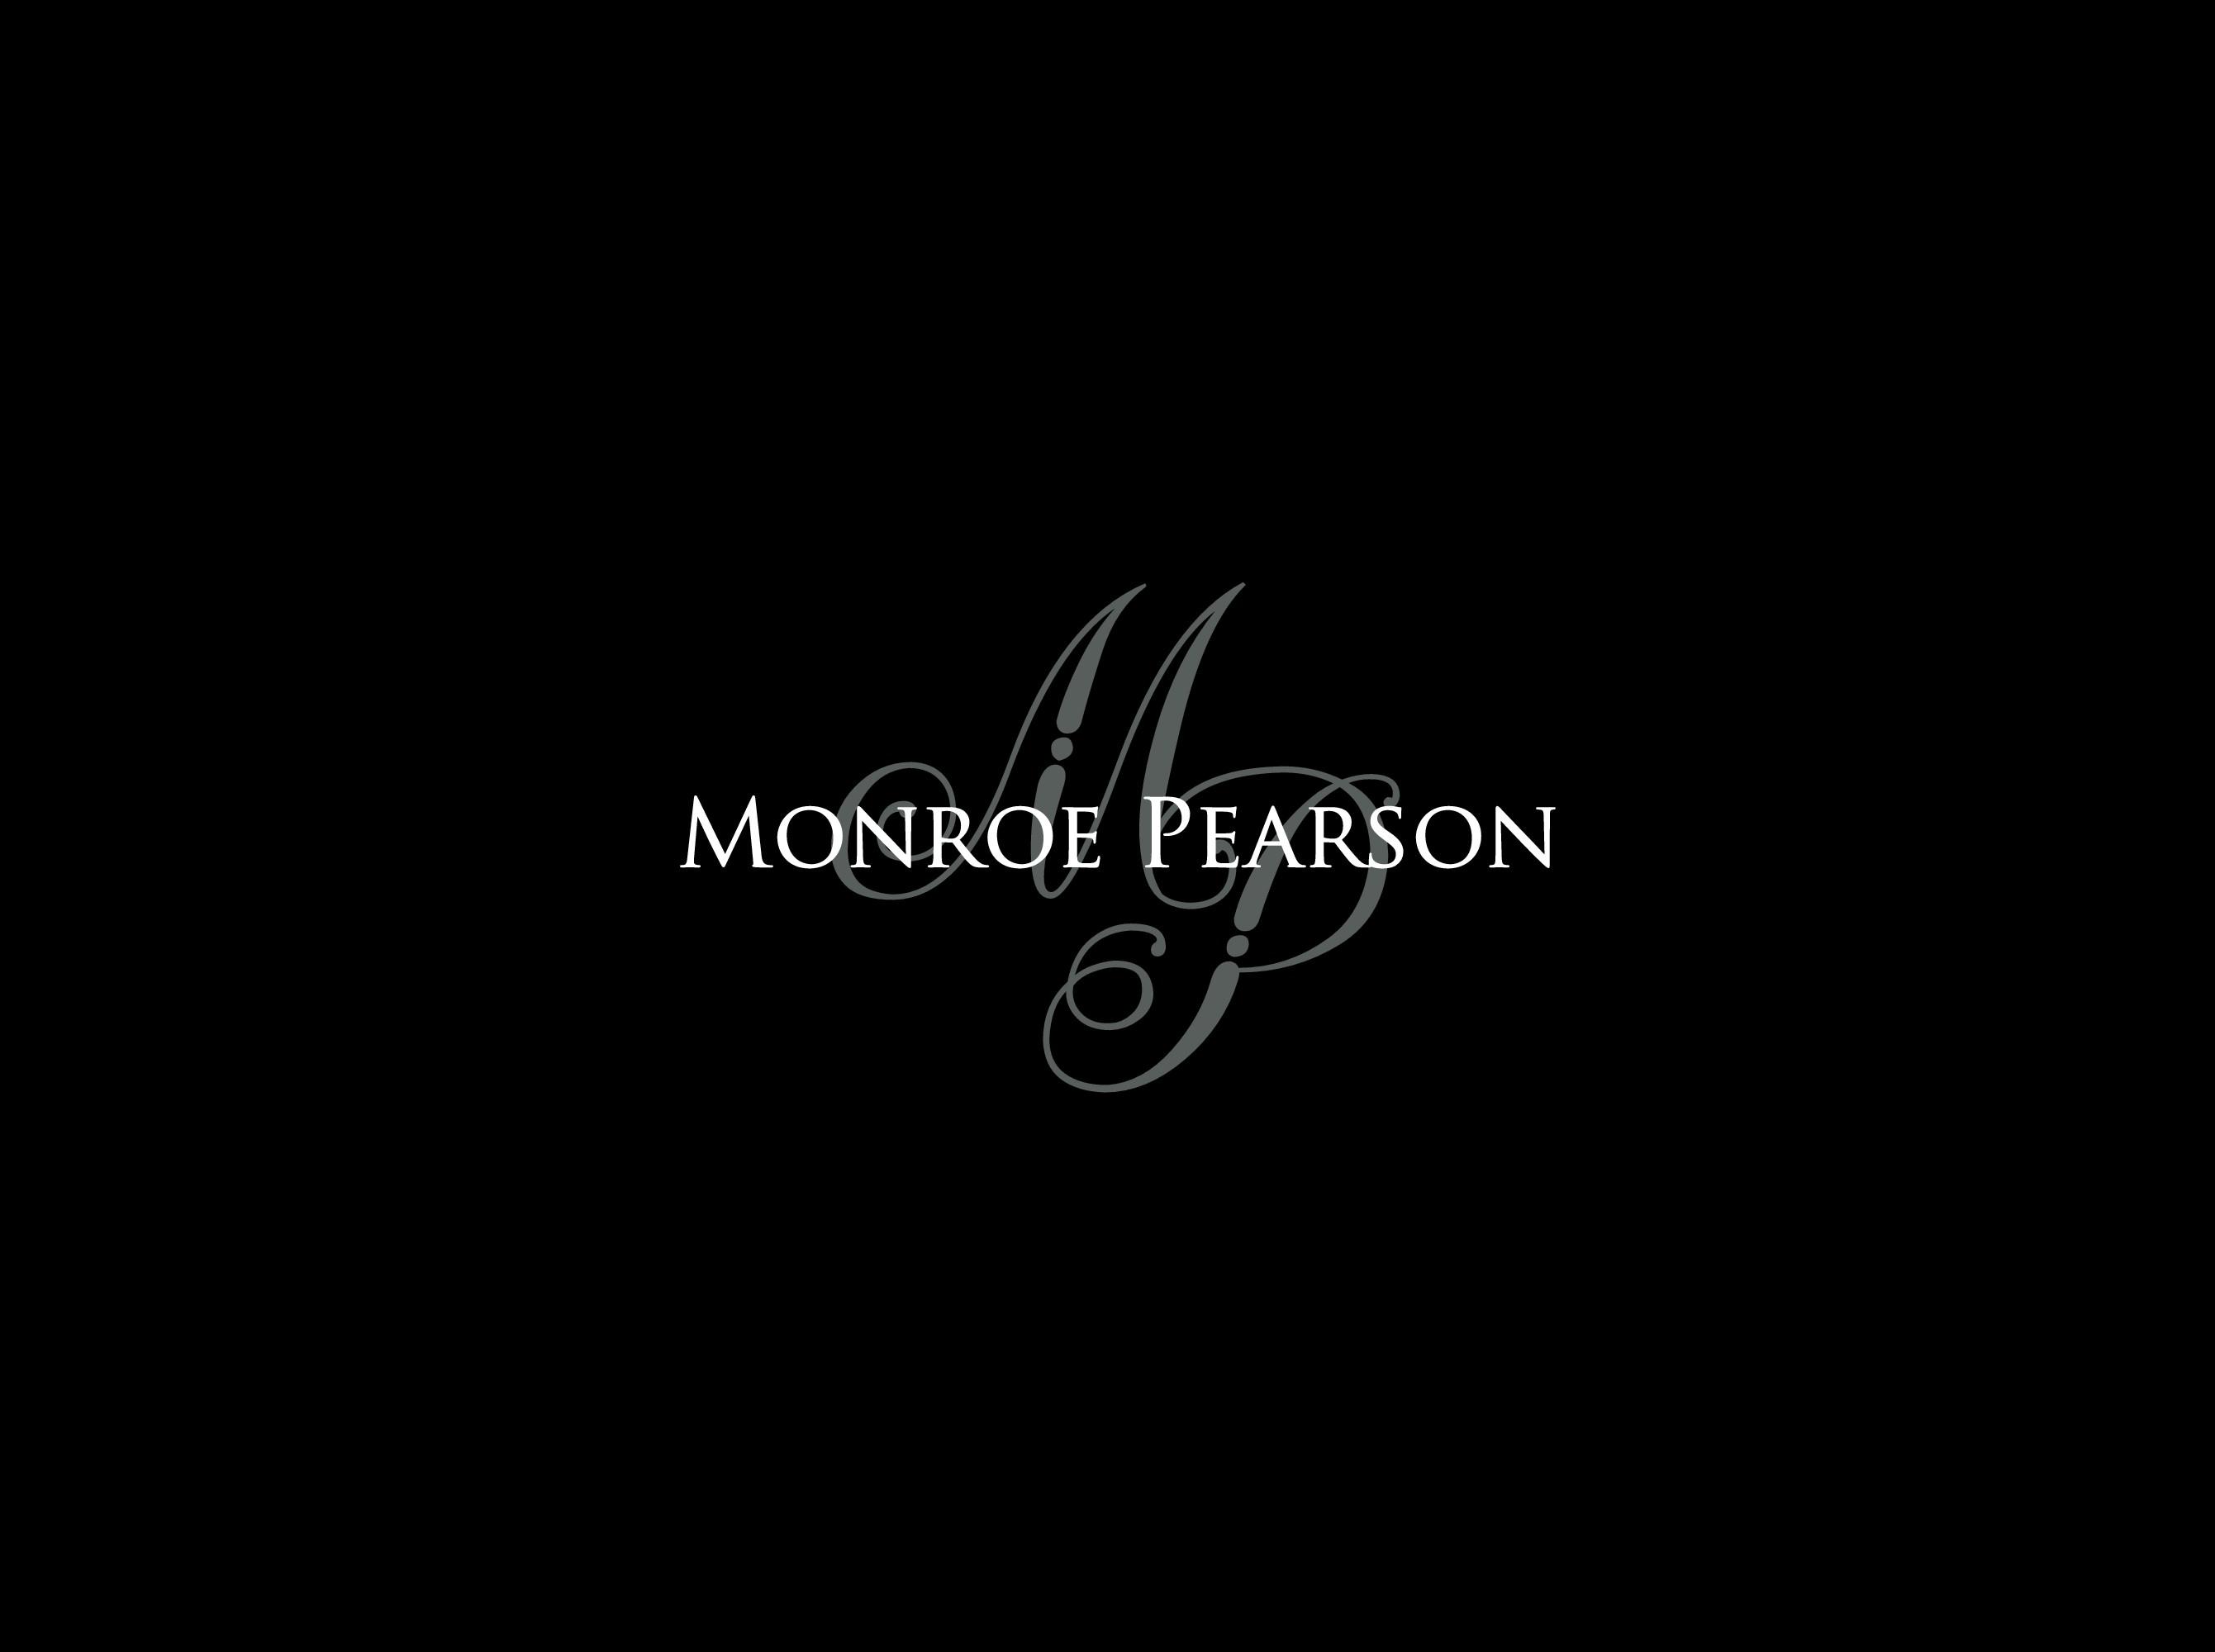 The Monroe